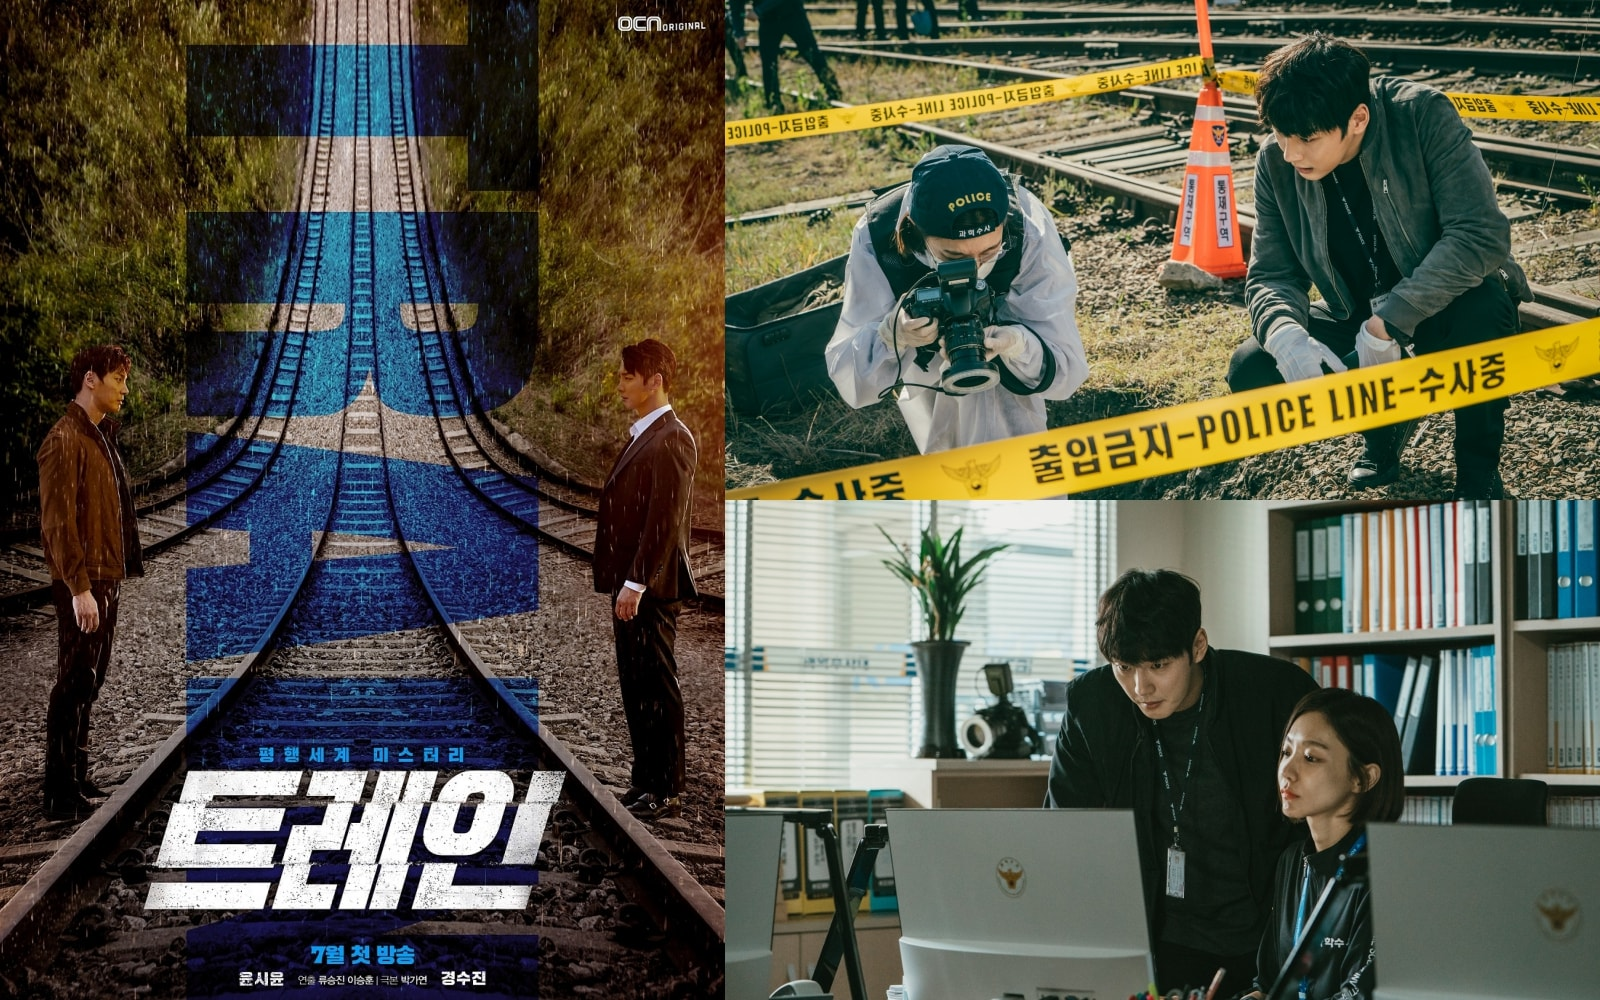 20 ซีรี่ย์เกาหลีแนวสืบสวน ที่ดูแล้วยืนยันว่าสนุกมาก!